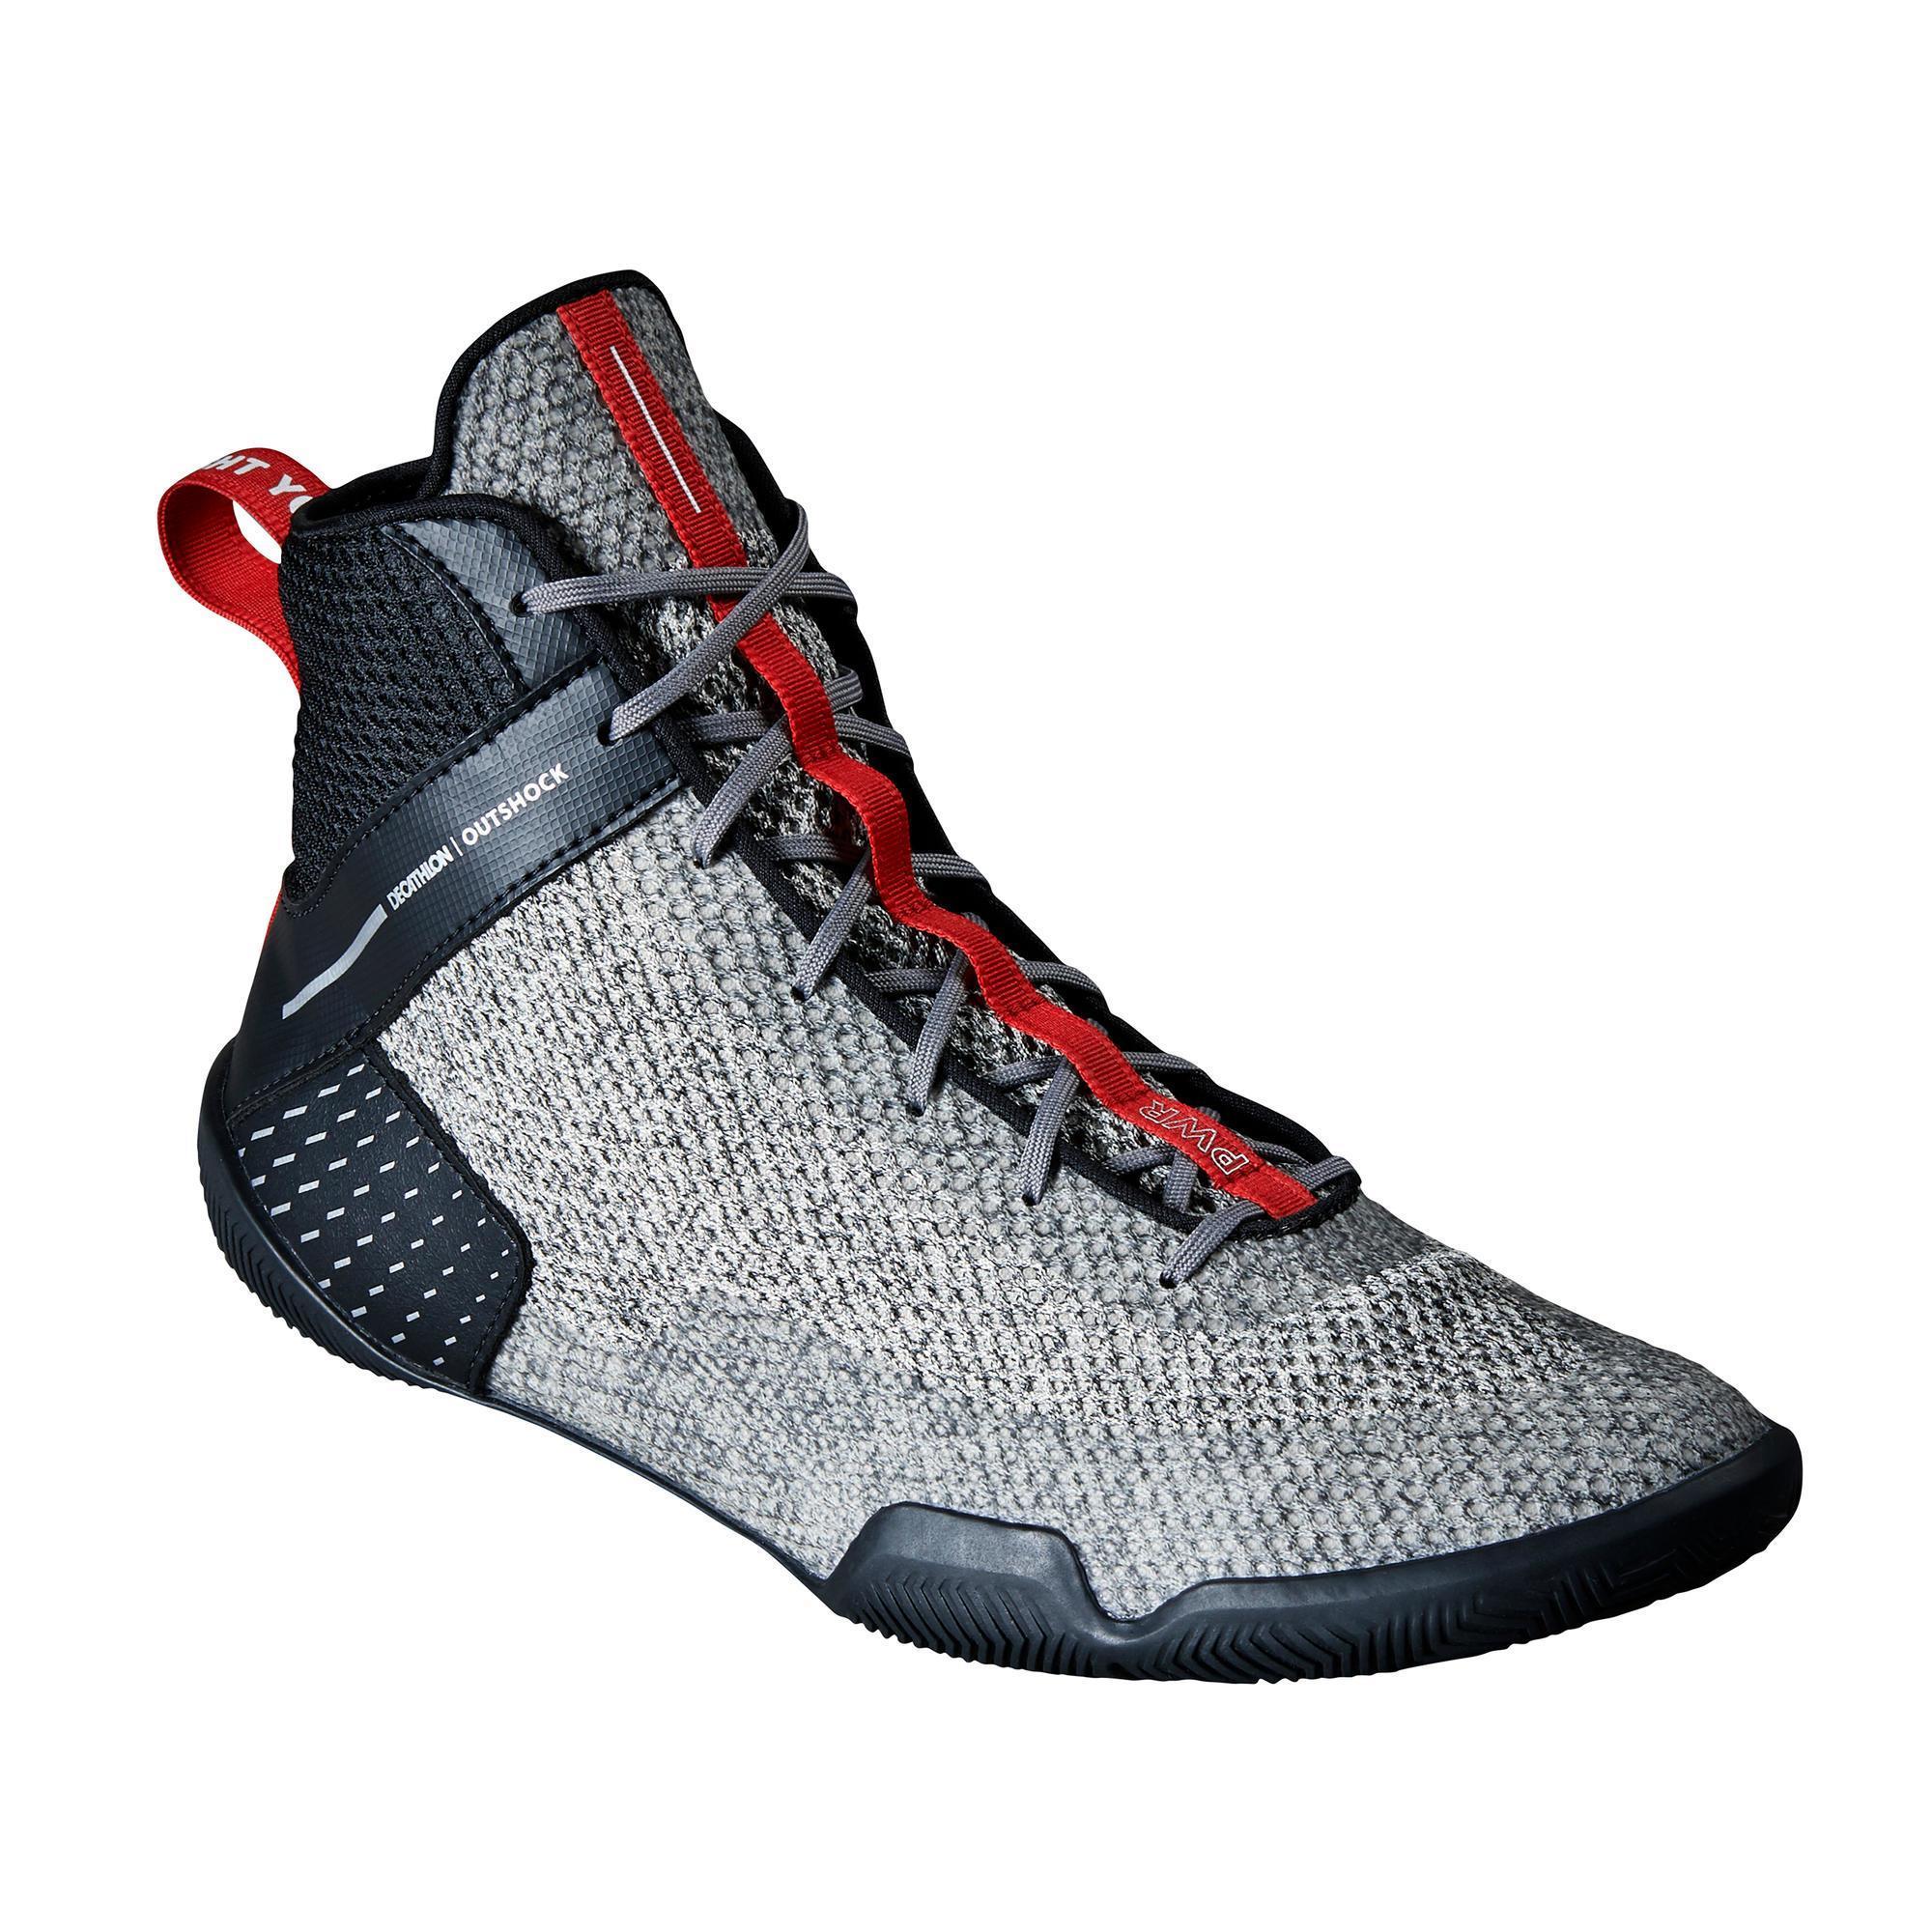 Boxschuhe 500 leicht und flexibel | Schuhe > Sportschuhe > Boxschuhe | Grau - Schwarz | Gummi - Ab | Outshock